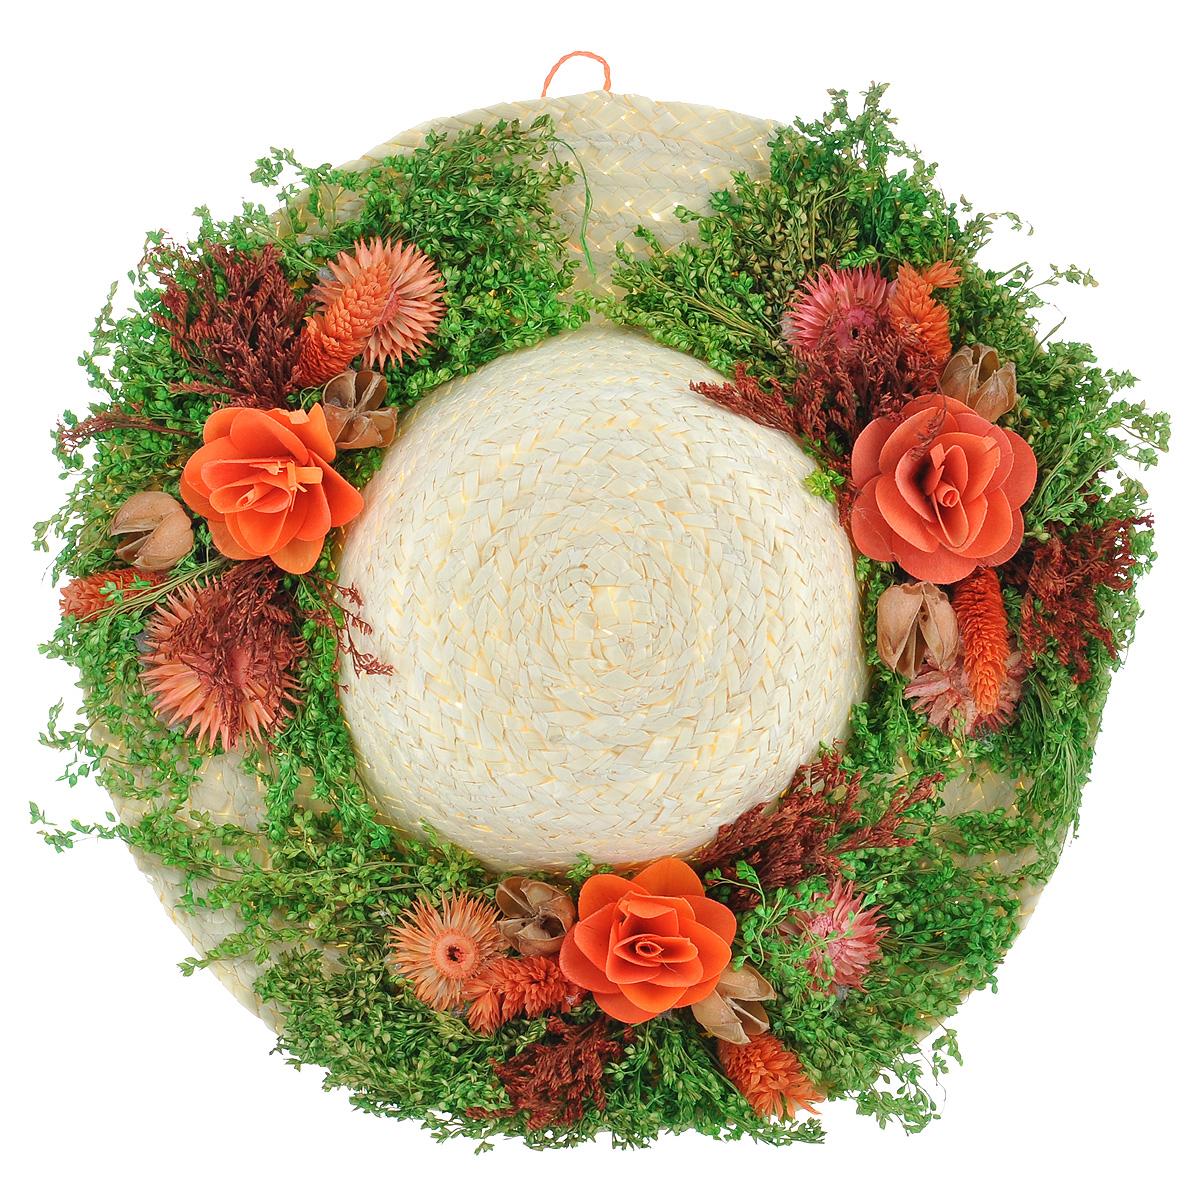 Декоративное настенное украшение Lillo Шляпа с цветами, цвет: светло-бежевый, зеленый, оранжевыйAF 03127Декоративное подвесное украшение Lillo Шляпа выполнено из натуральной соломы и украшено сухоцветами. Такая шляпа станет изящным элементом декора в вашем доме. С задней стороны расположена петелька для подвешивания. Такое украшение не только подчеркнет ваш изысканный вкус, но и прекрасным подарком, который обязательно порадует получателя. Диаметр шляпы: 28 см.